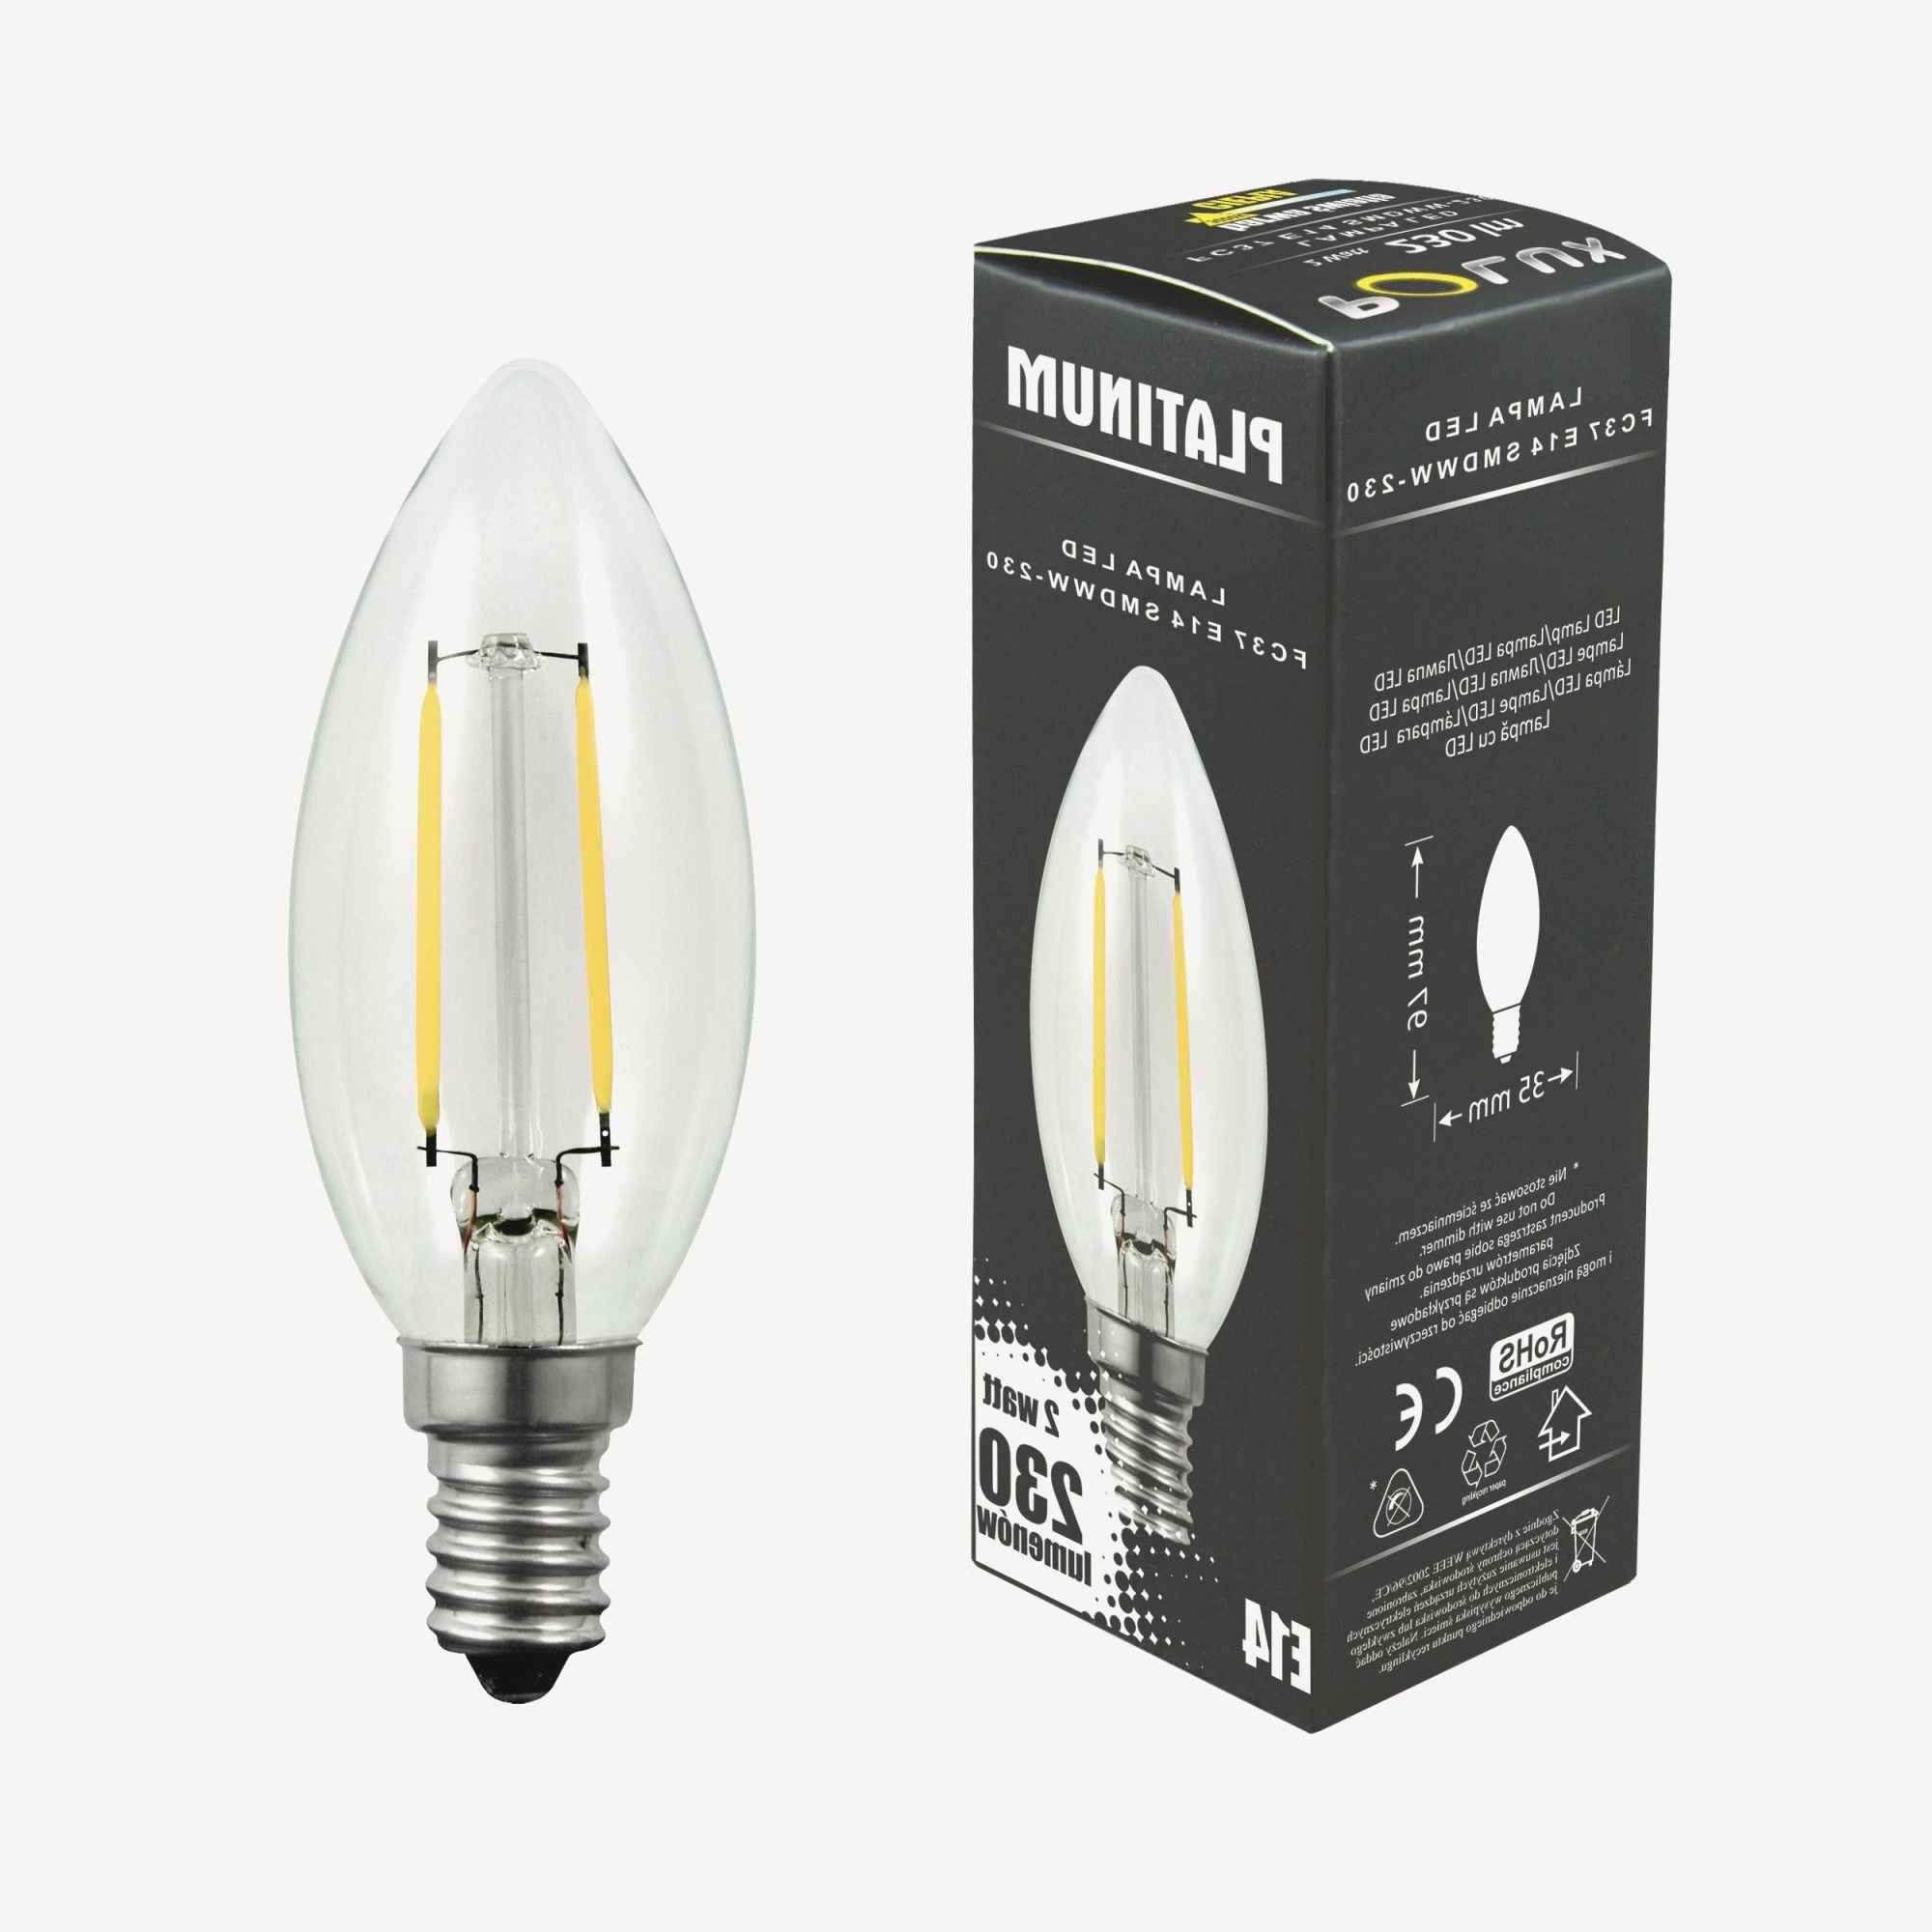 led lampen dimmbar einzigartig 45 einzigartig von osram led lampen konzept of led lampen dimmbar